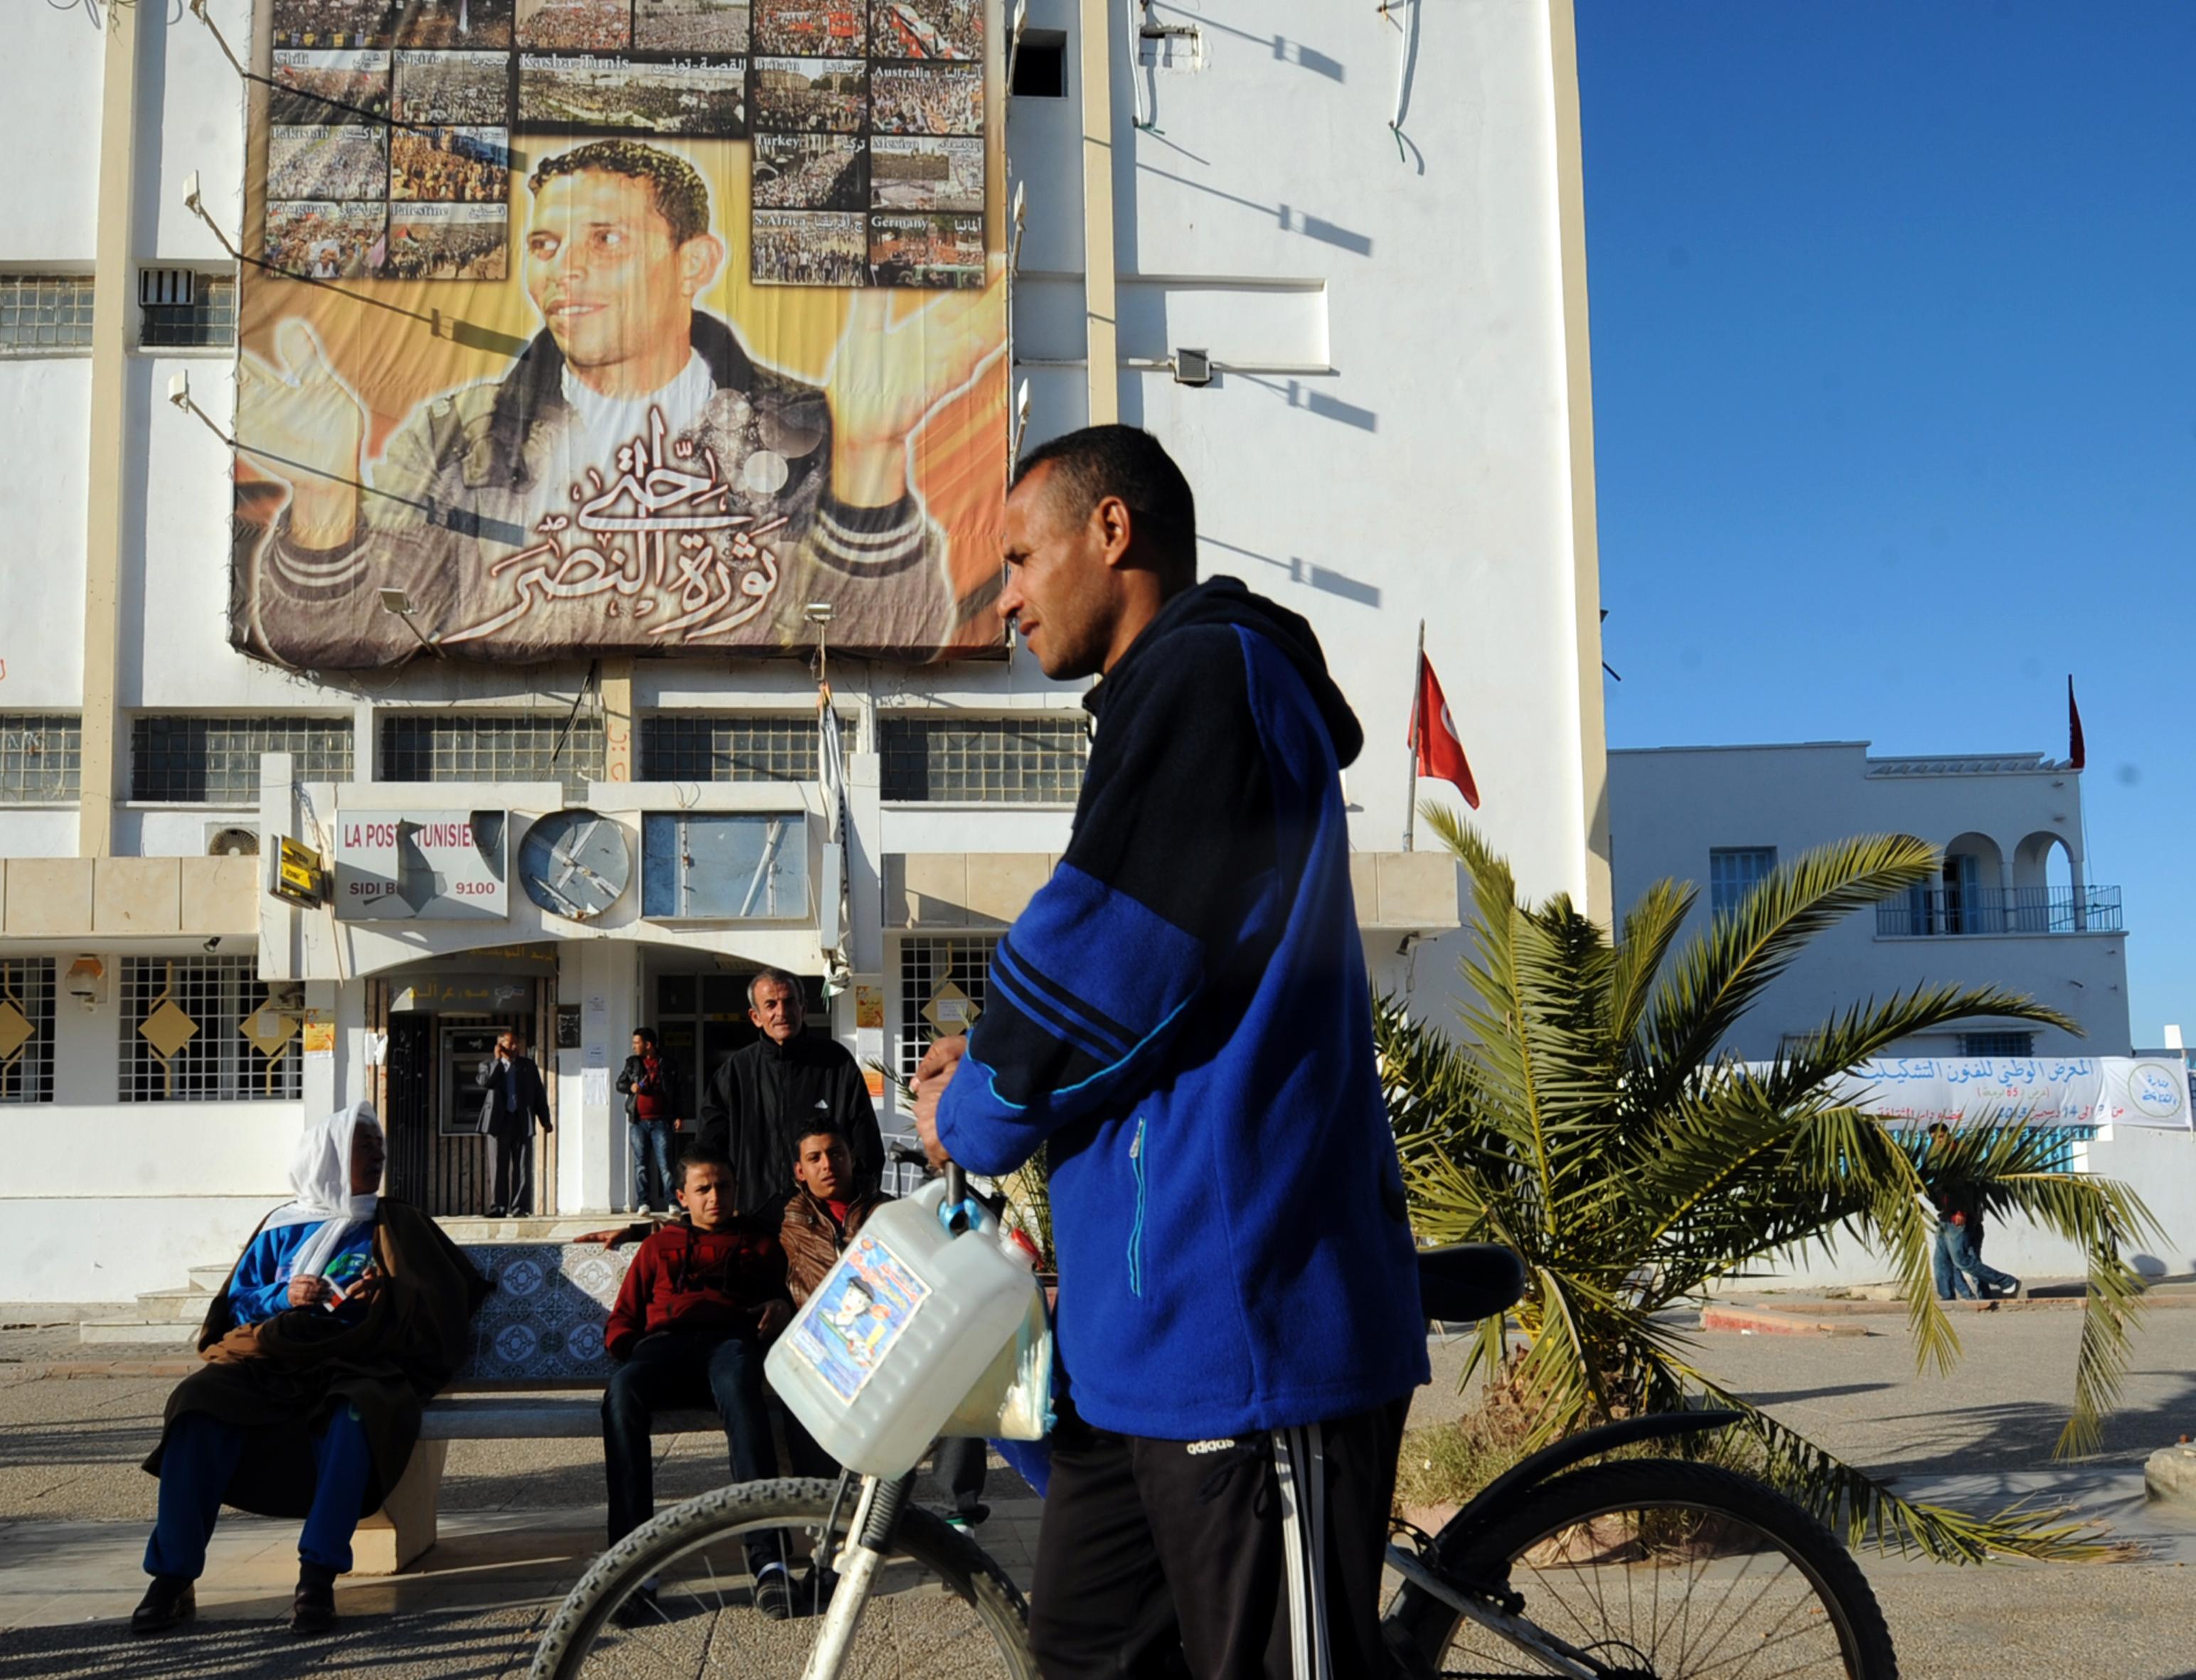 صورة البوعزيزي على واجهة إحدى البنايات في الشارع الذي يحمل اسمه في مدينة سيدي بوزيد